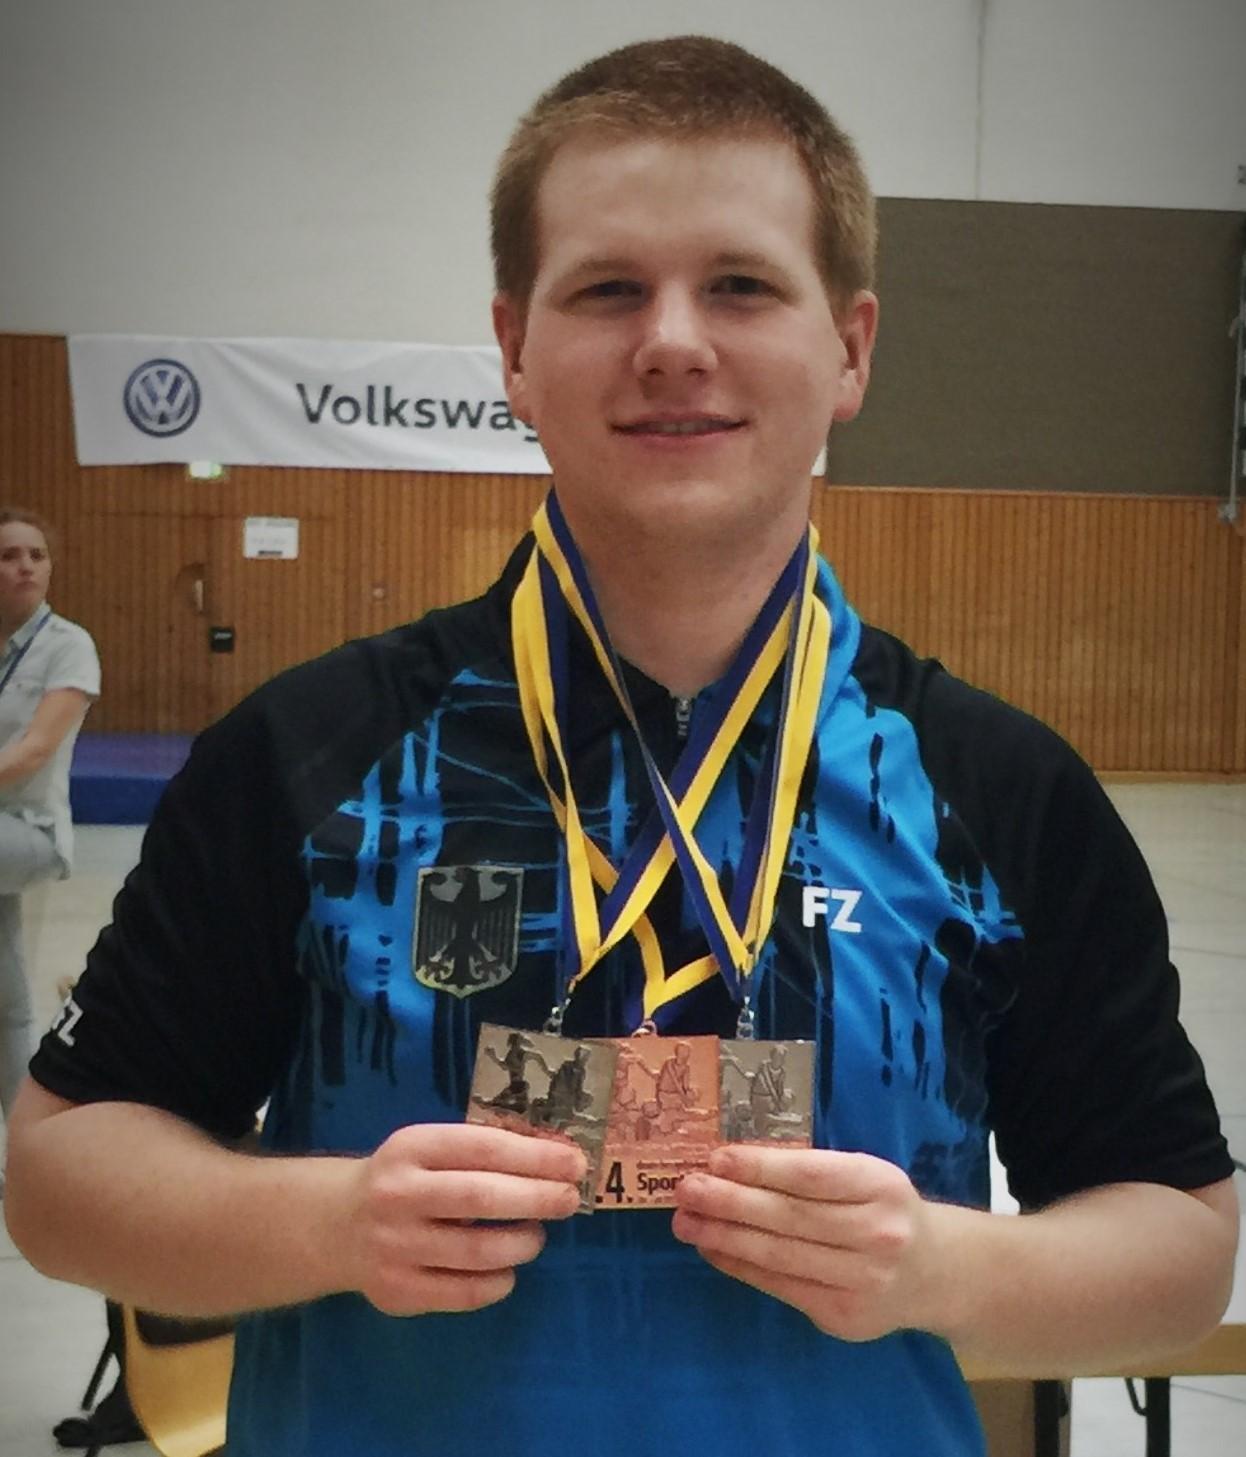 Matthias Kroll mit seinen Medaillen von der DM in Essen